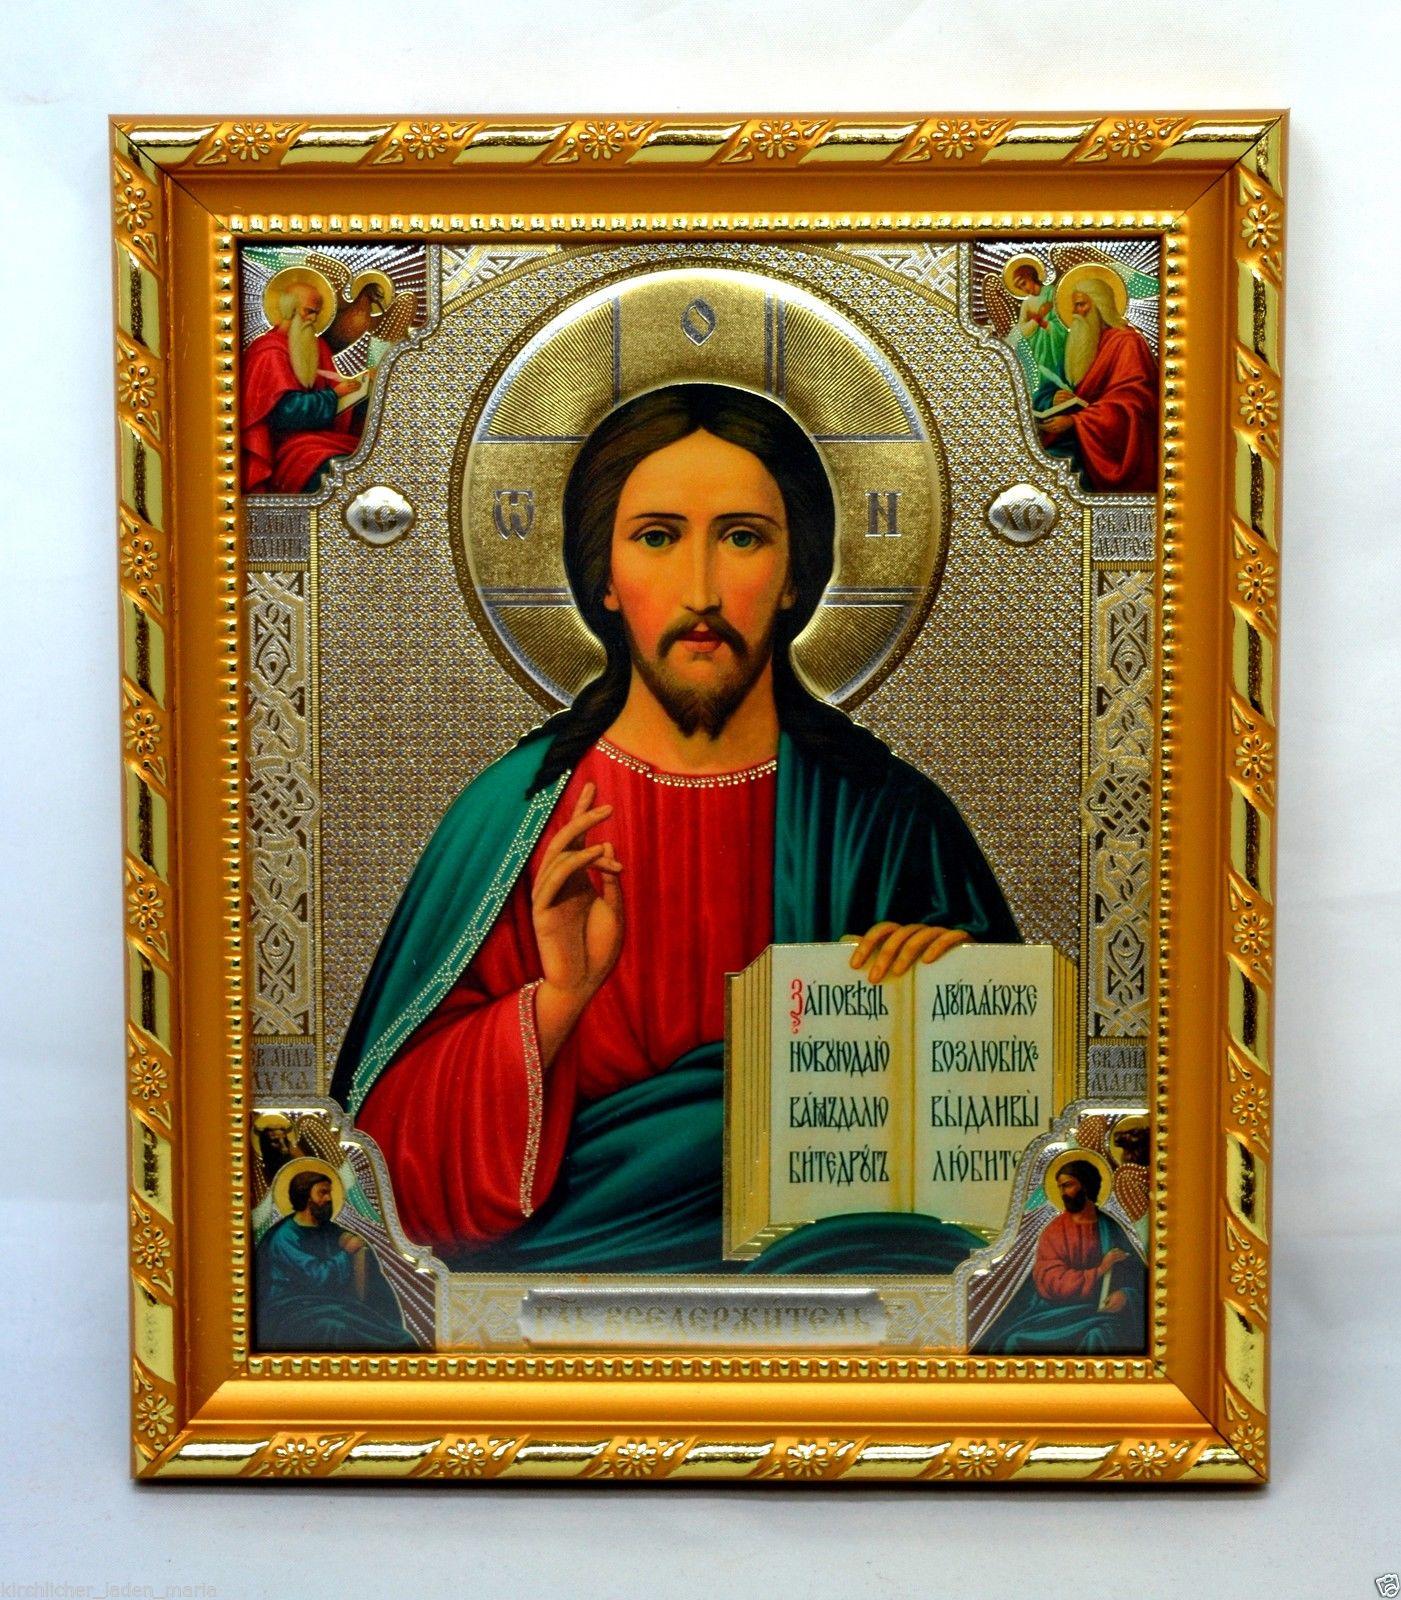 Изображения бога. иконы иисуса христа. святые образы